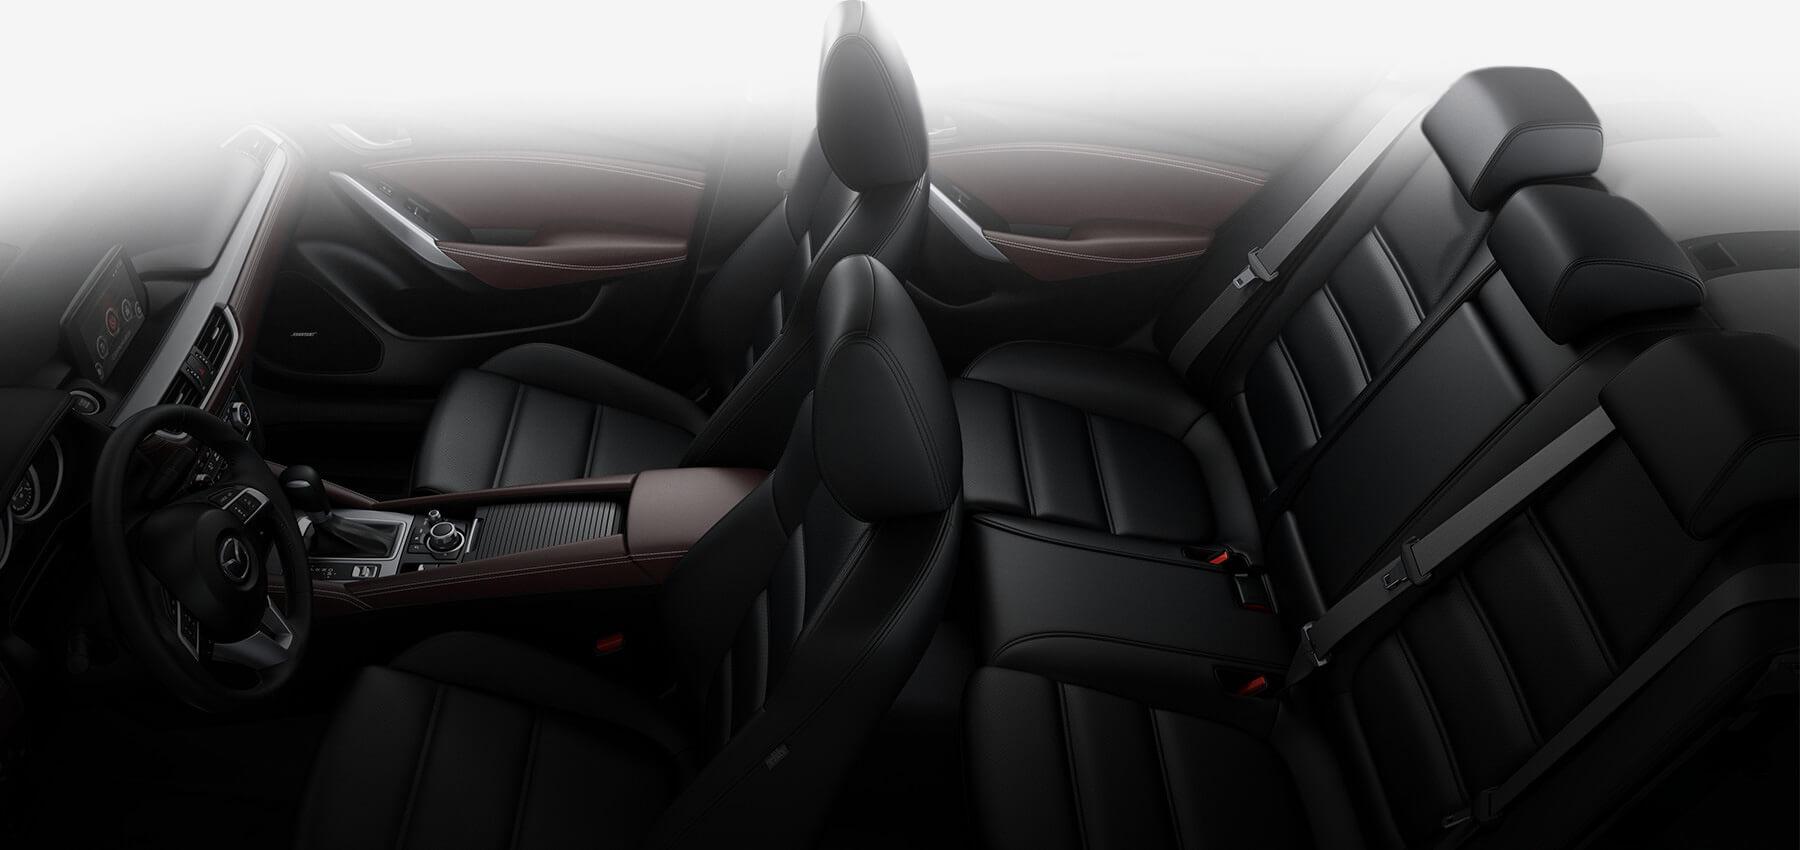 2017 Mazda6, Black Leather